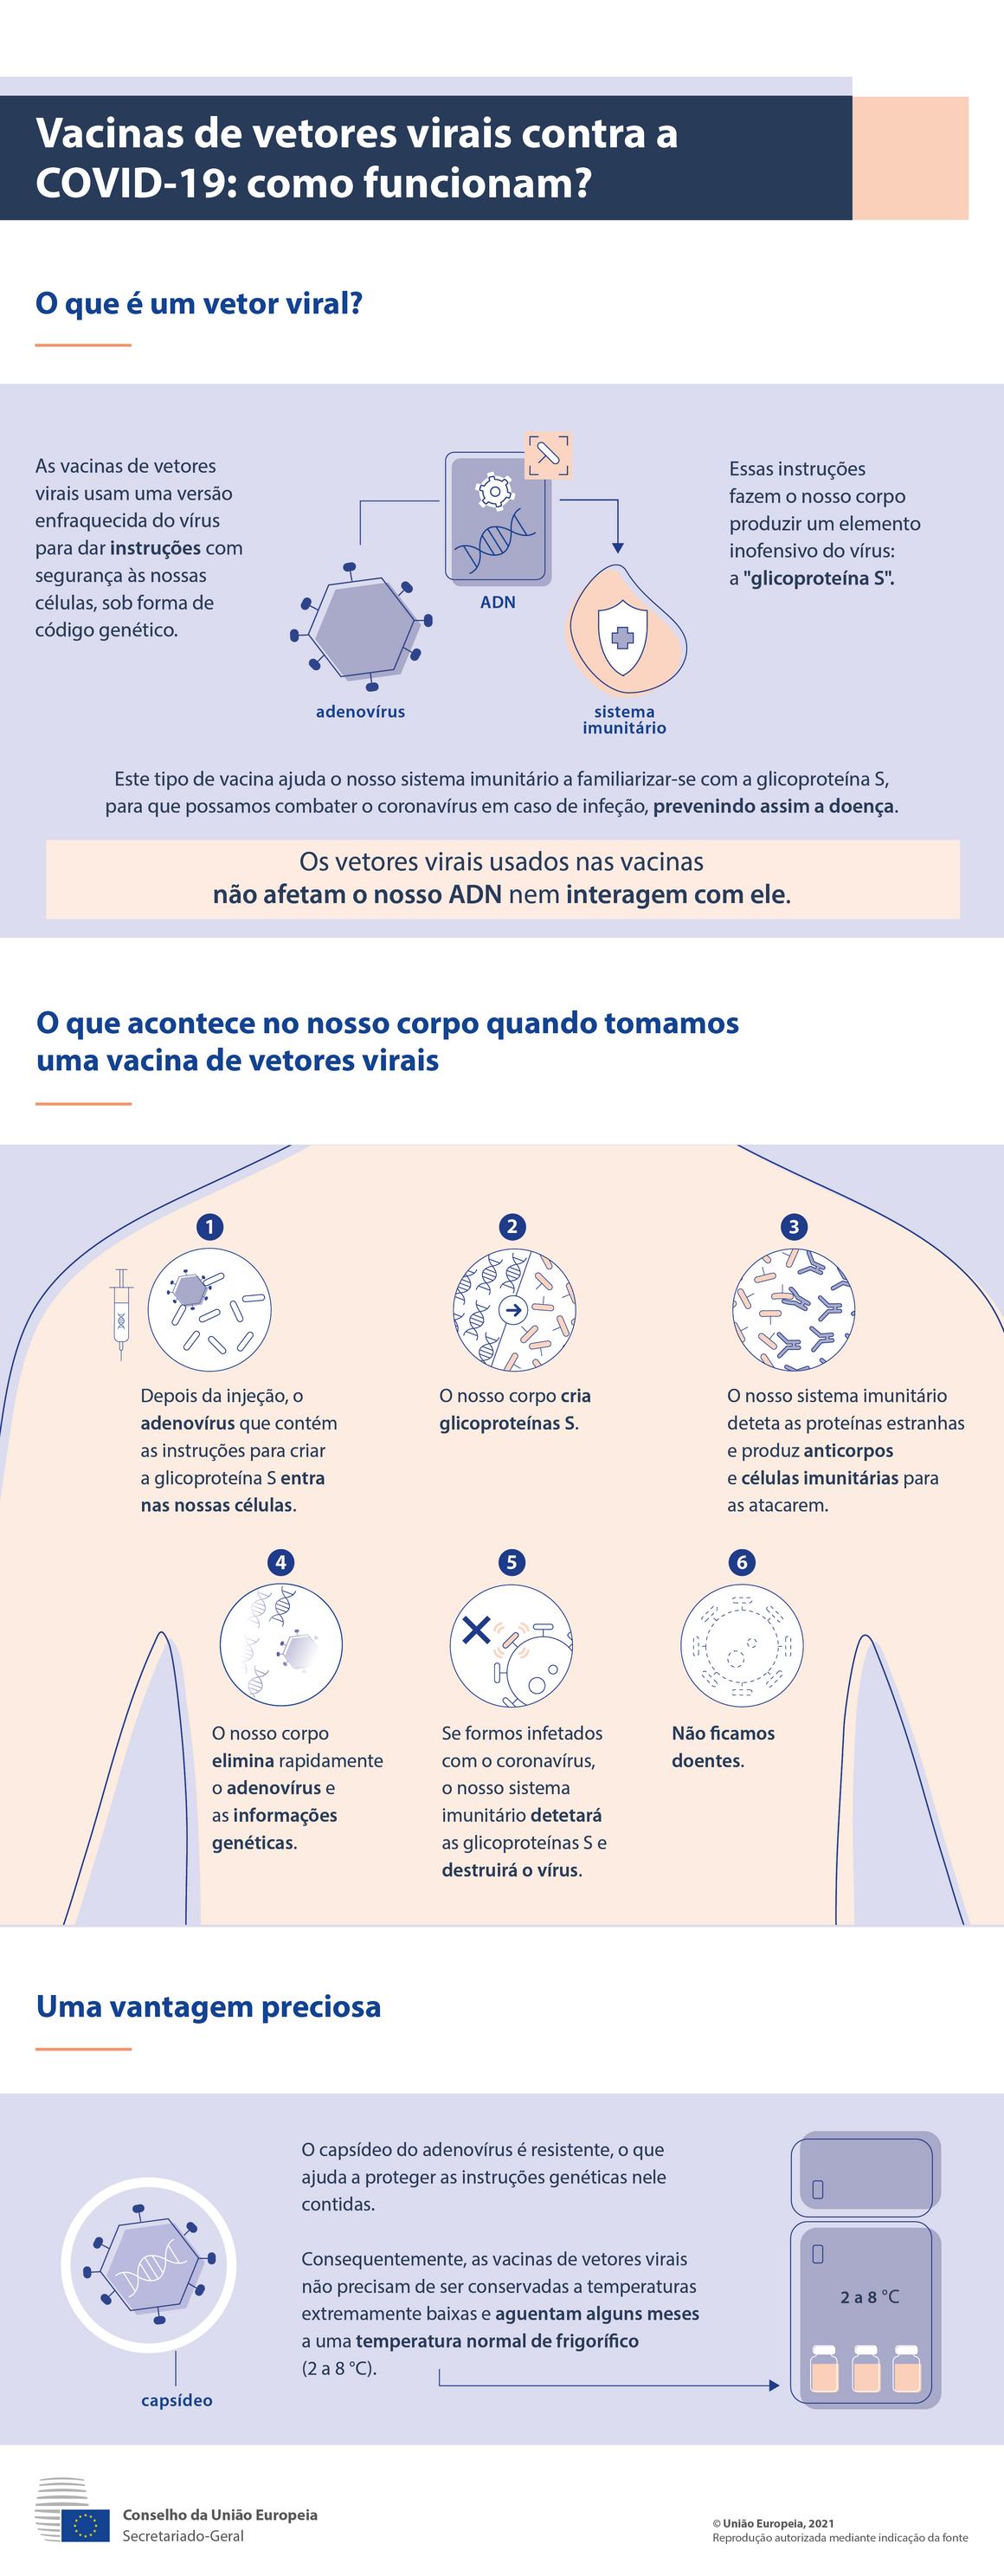 Infografia — Vacinas de vetor viral contra a COVID-19: como funcionam?